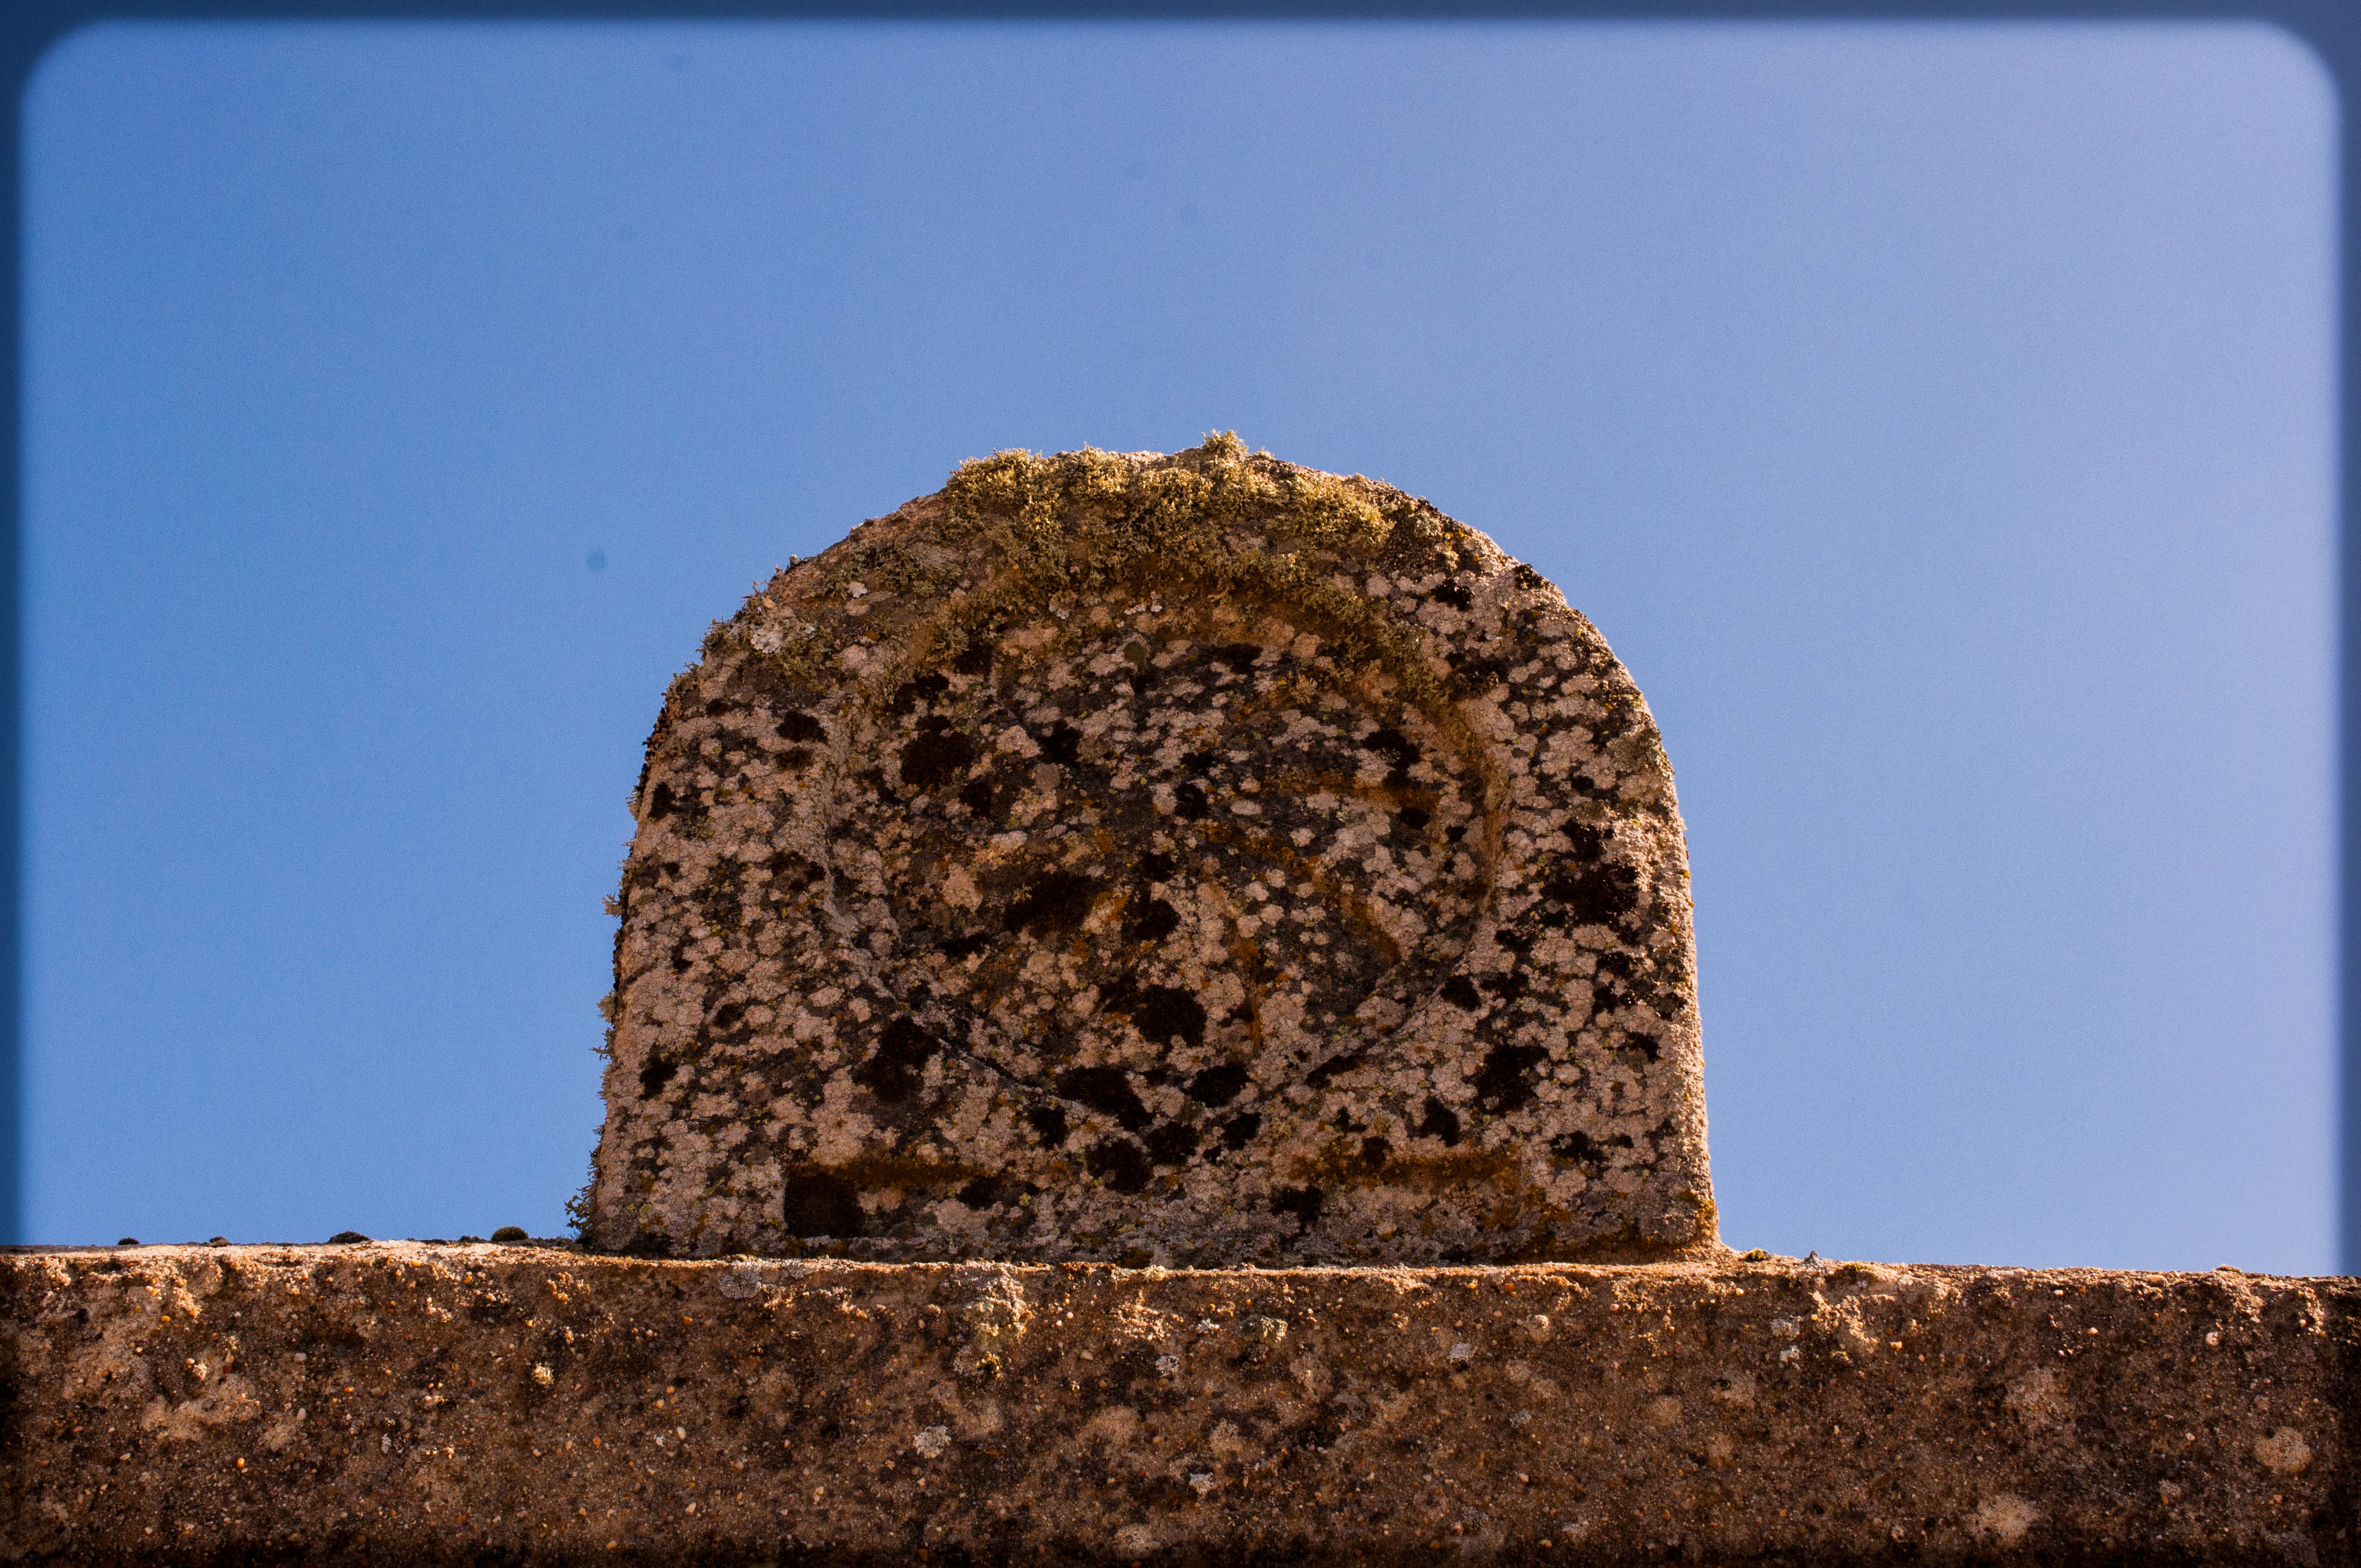 Estela funeraria Gallegos del Campo Las Obreras de Aliste